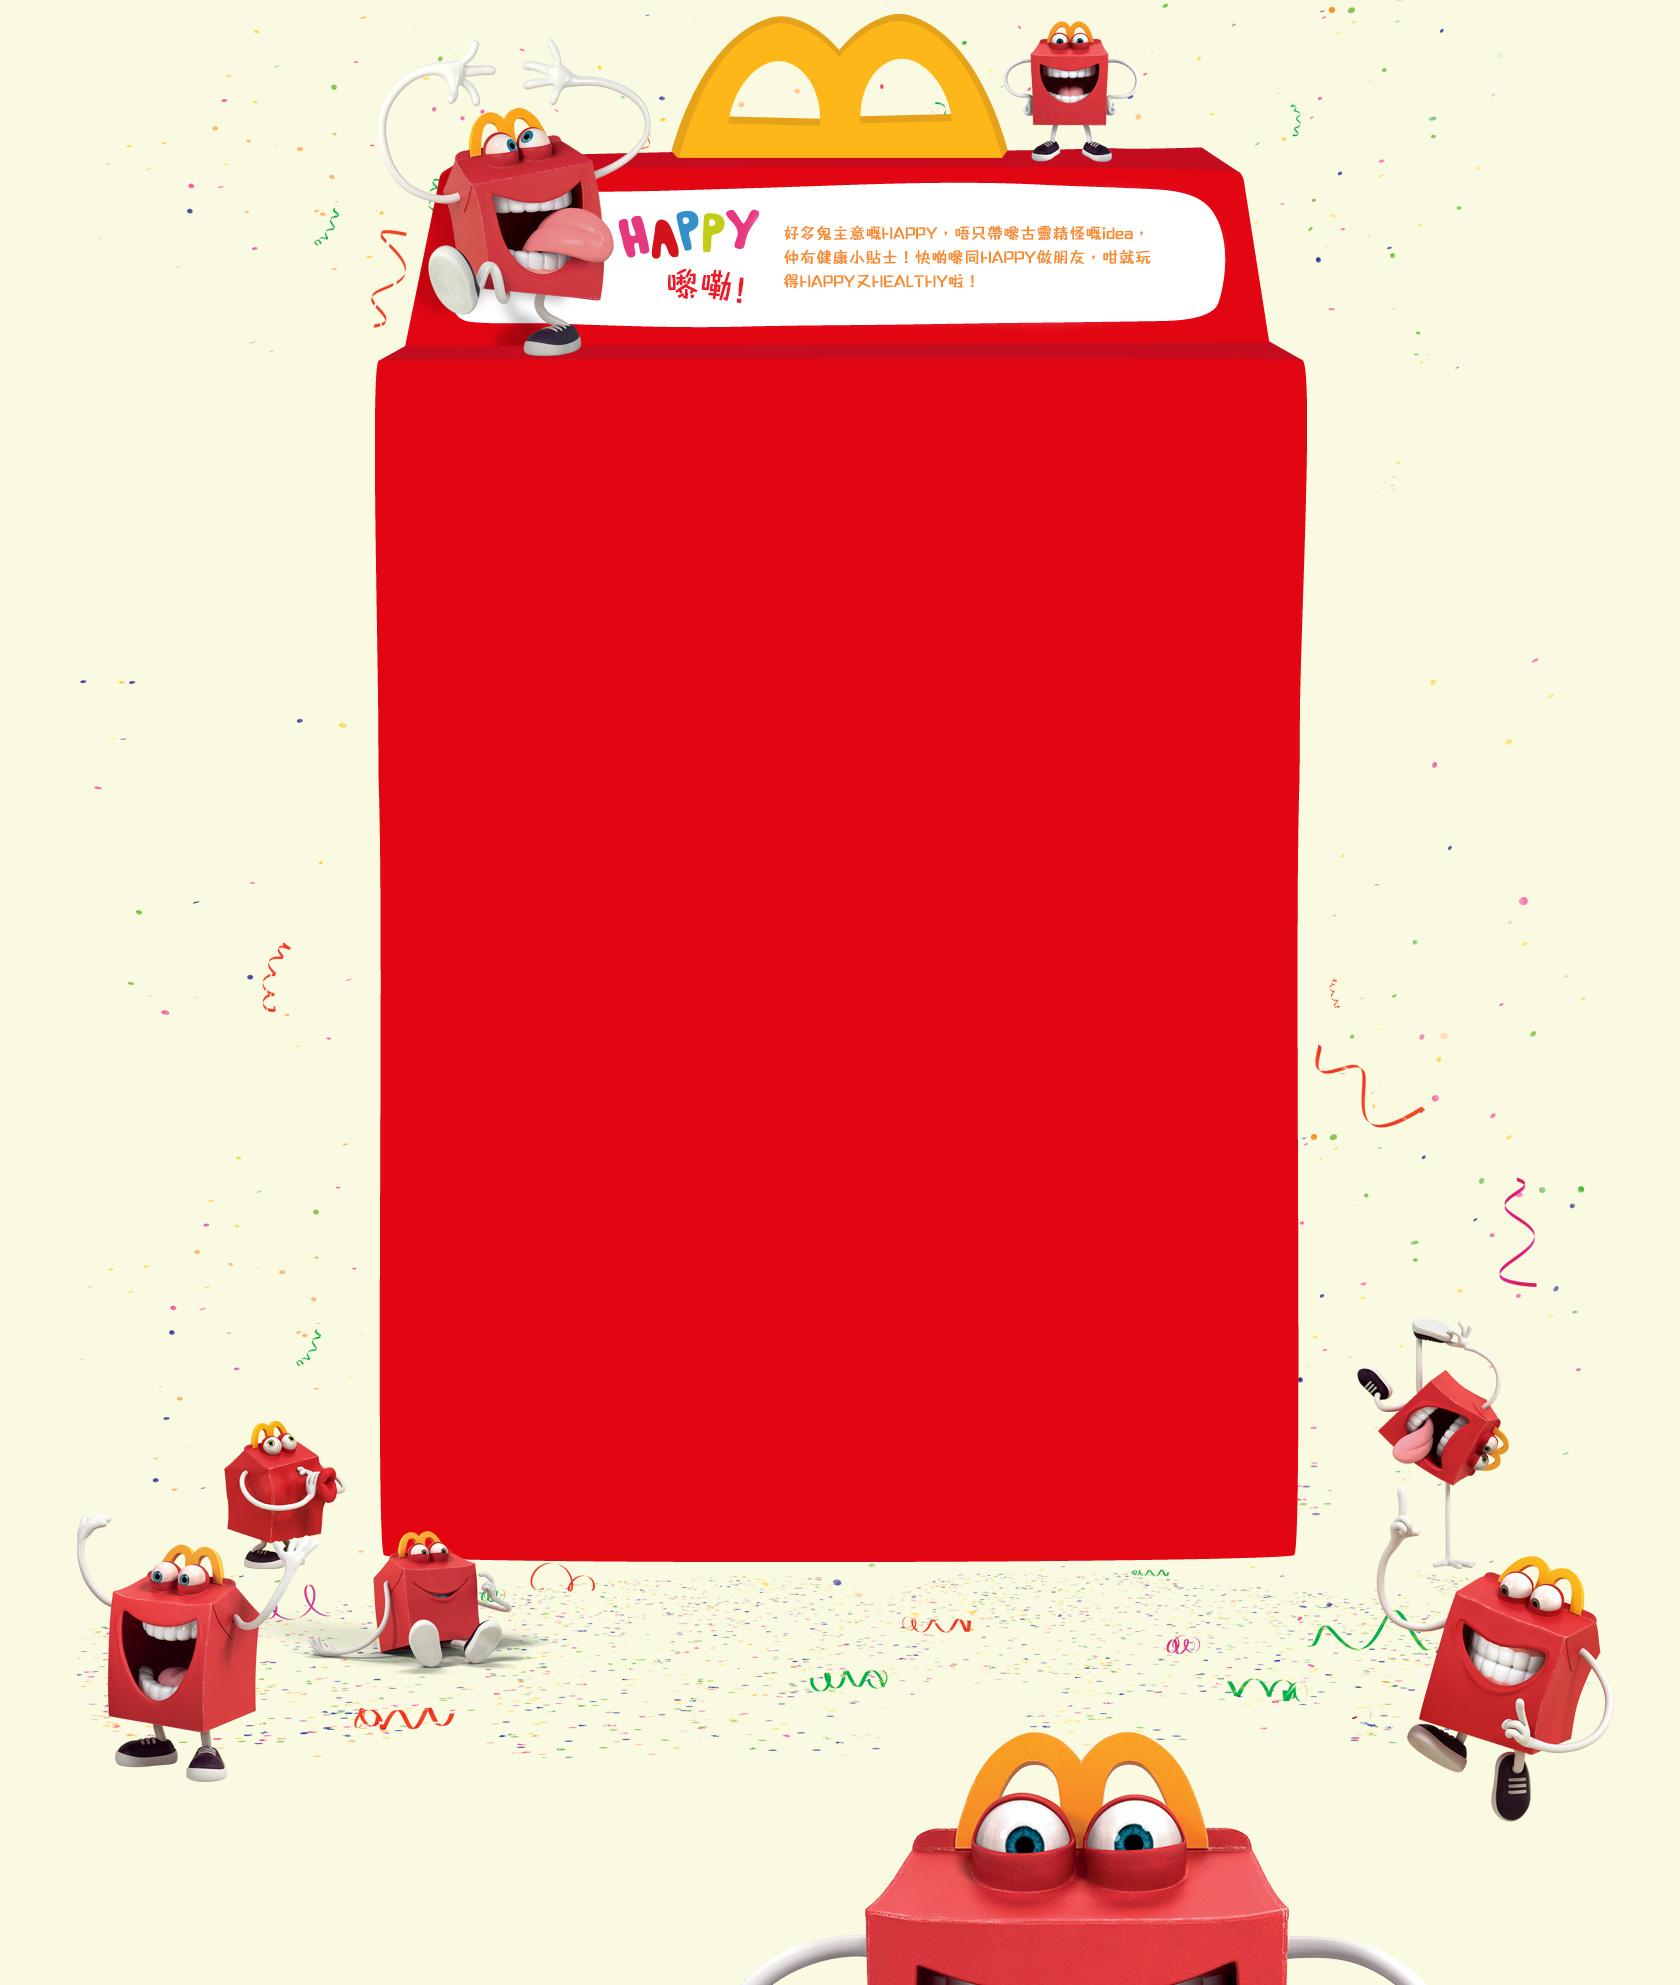 麥當勞® - 開心樂園餐® Happy Meal